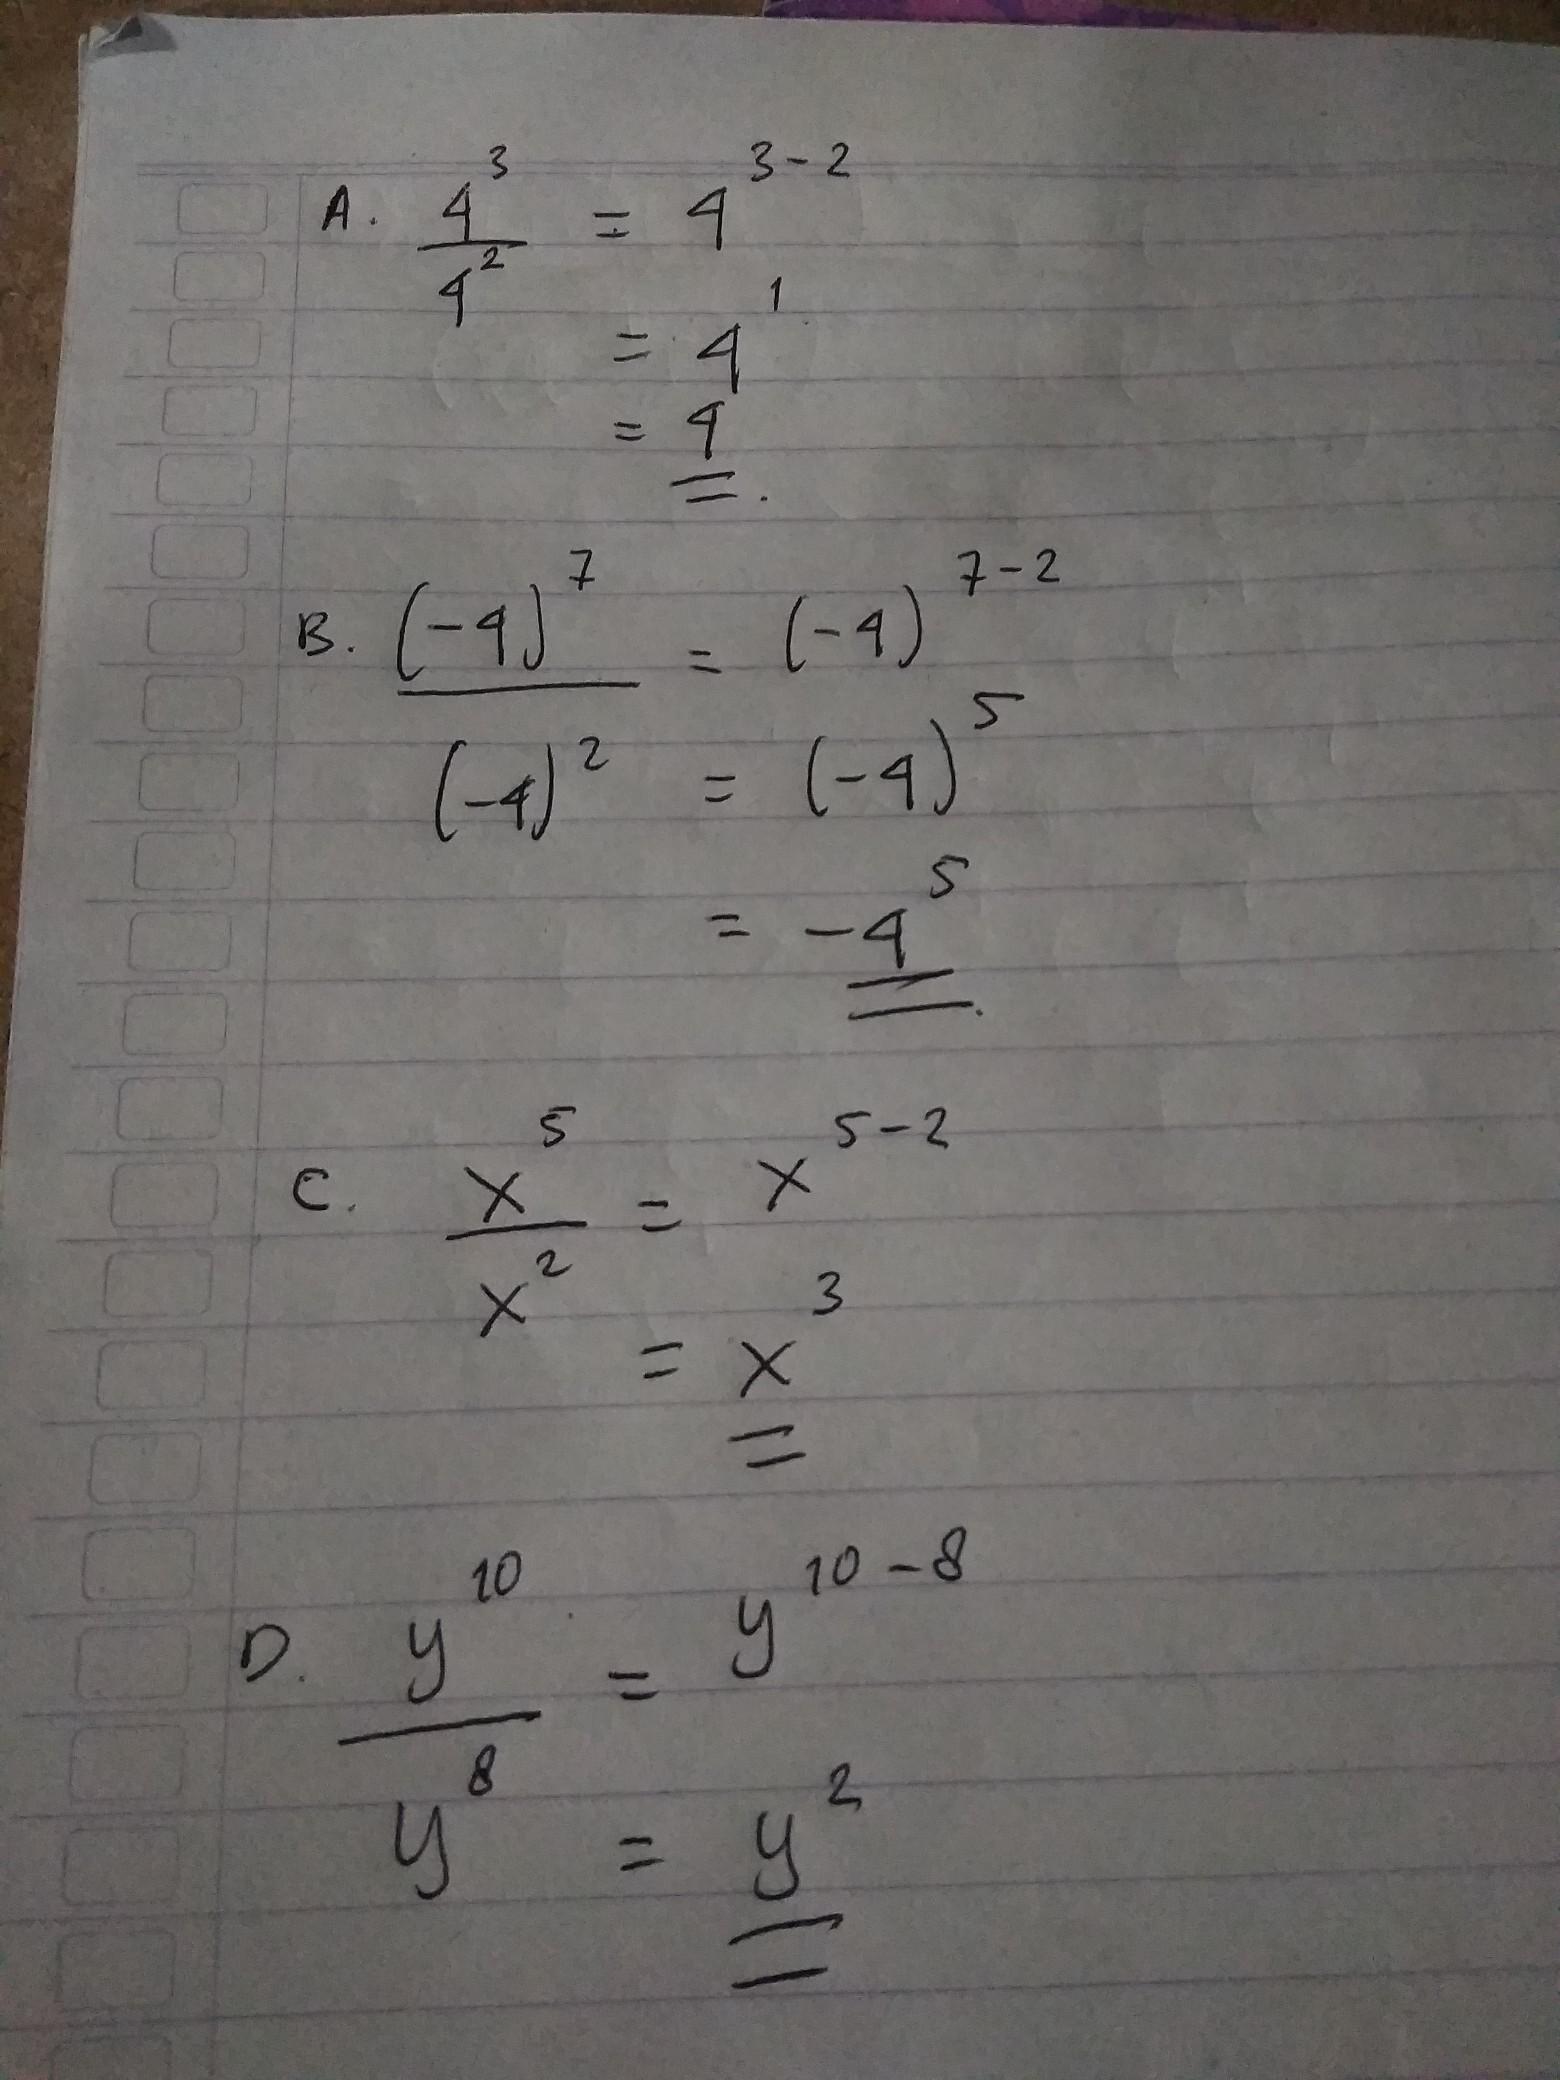 Pembagian Bilangan Berpangkat : pembagian, bilangan, berpangkat, Sederhanakanlah, Bentuk, Pembagian, Bilangan, Berpangkat, Berikut, Ini!A)., 4³per, 4²B)., (-4)pangkat, Brainly.co.id